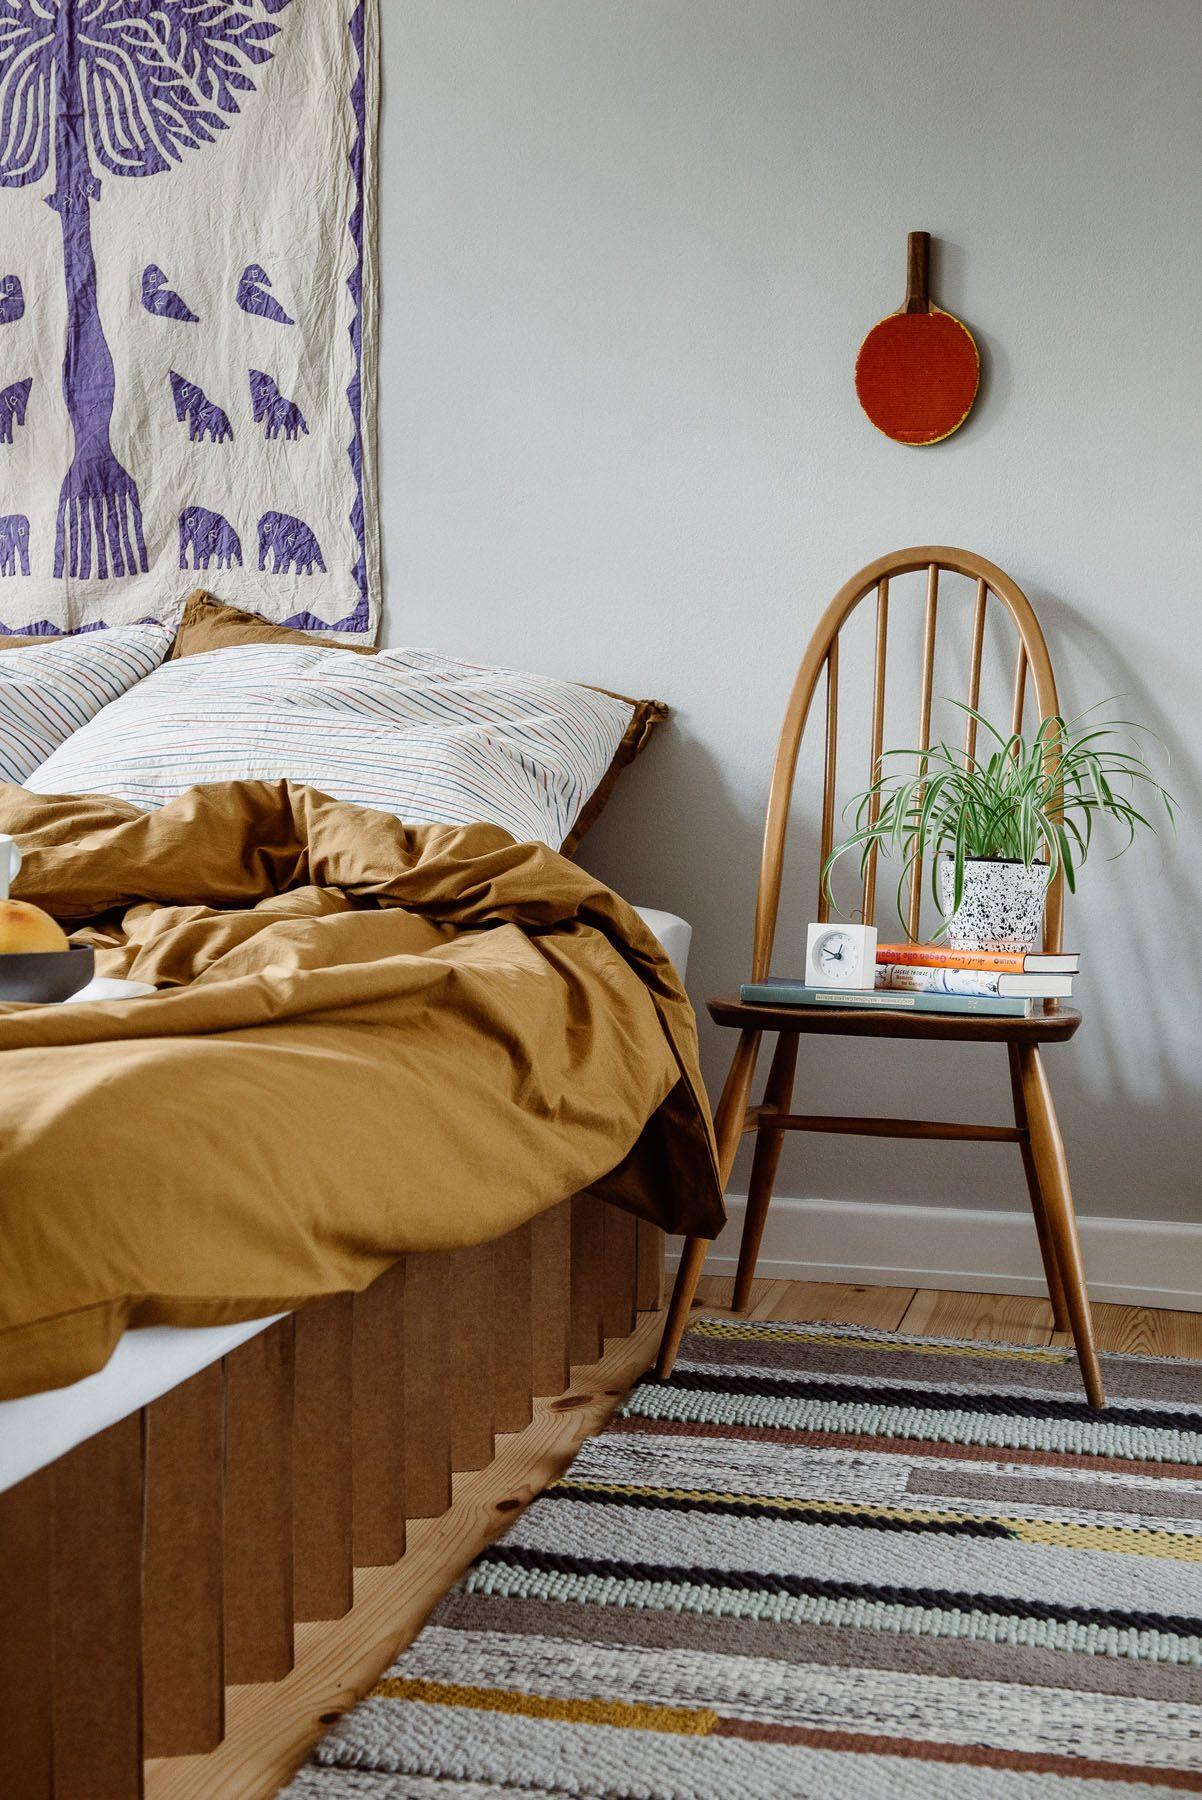 Full Size of Pappbett Ikea Das Bett Aus Recycelter Wellpappe Ist Stabil Küche Kaufen Betten Bei Miniküche 160x200 Modulküche Kosten Sofa Mit Schlaffunktion Wohnzimmer Pappbett Ikea